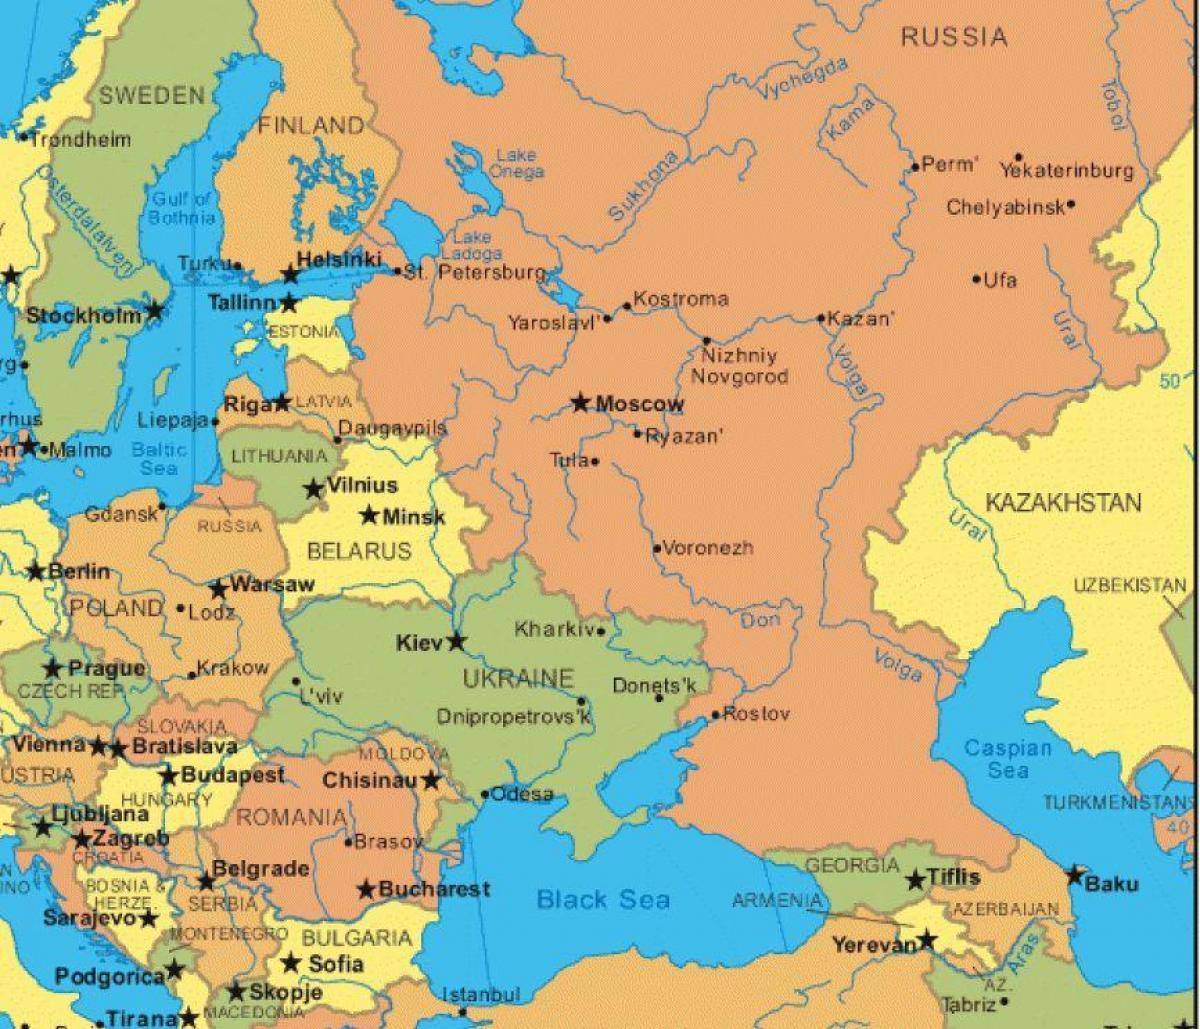 Cartina Europa Orientale Fisica.Mappa Della Russia E Dell Europa Orientale La Mappa Dell Europa Orientale E La Russia Europa Dell Est Europa